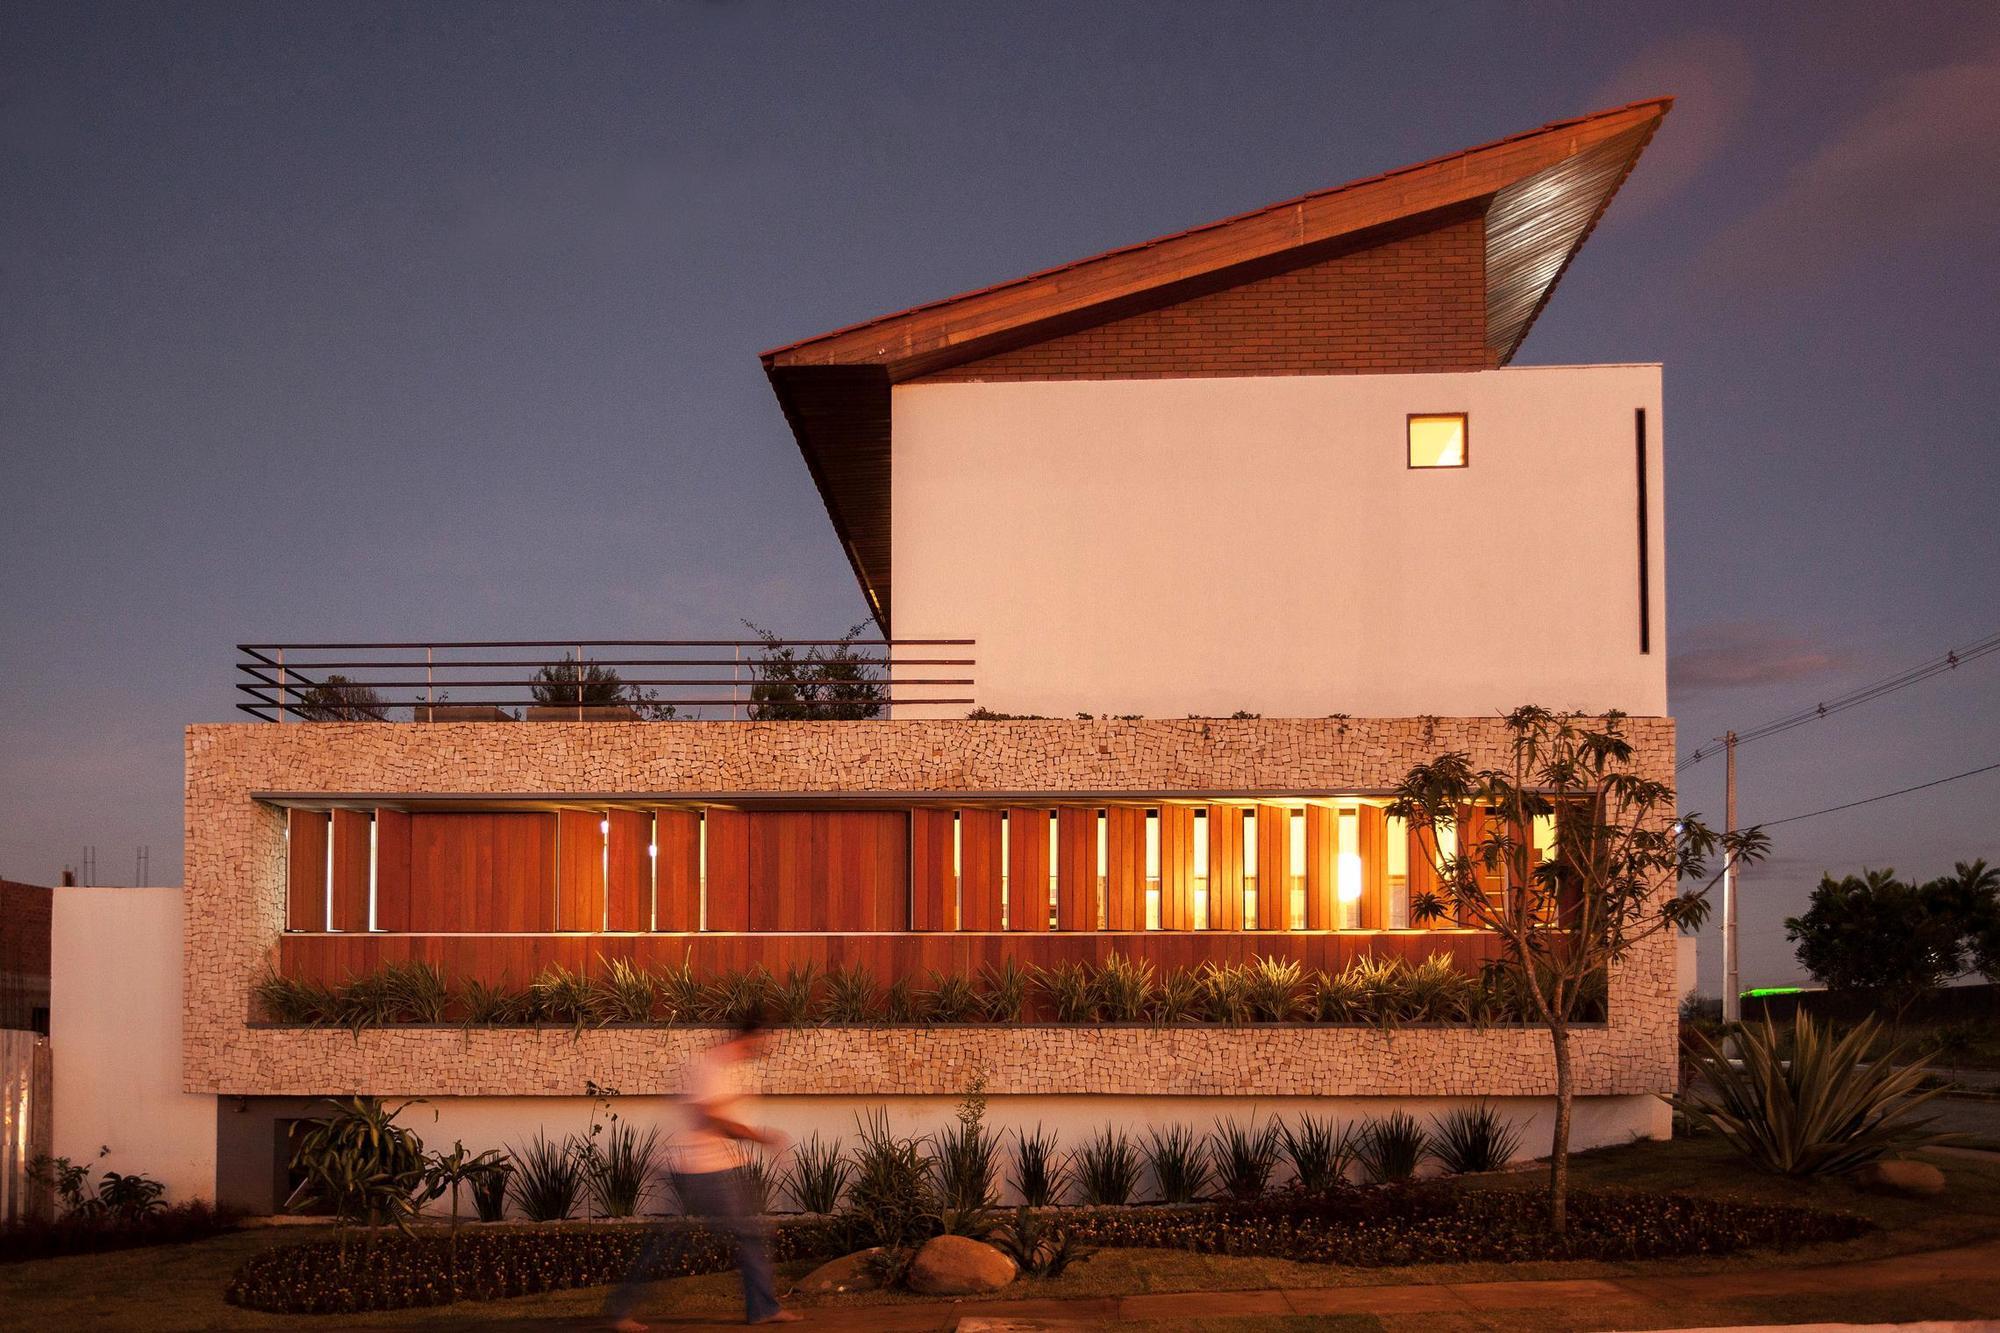 544847a1e58ece9997000190_architect-s-house-jirau-arquitetura__mg_9139